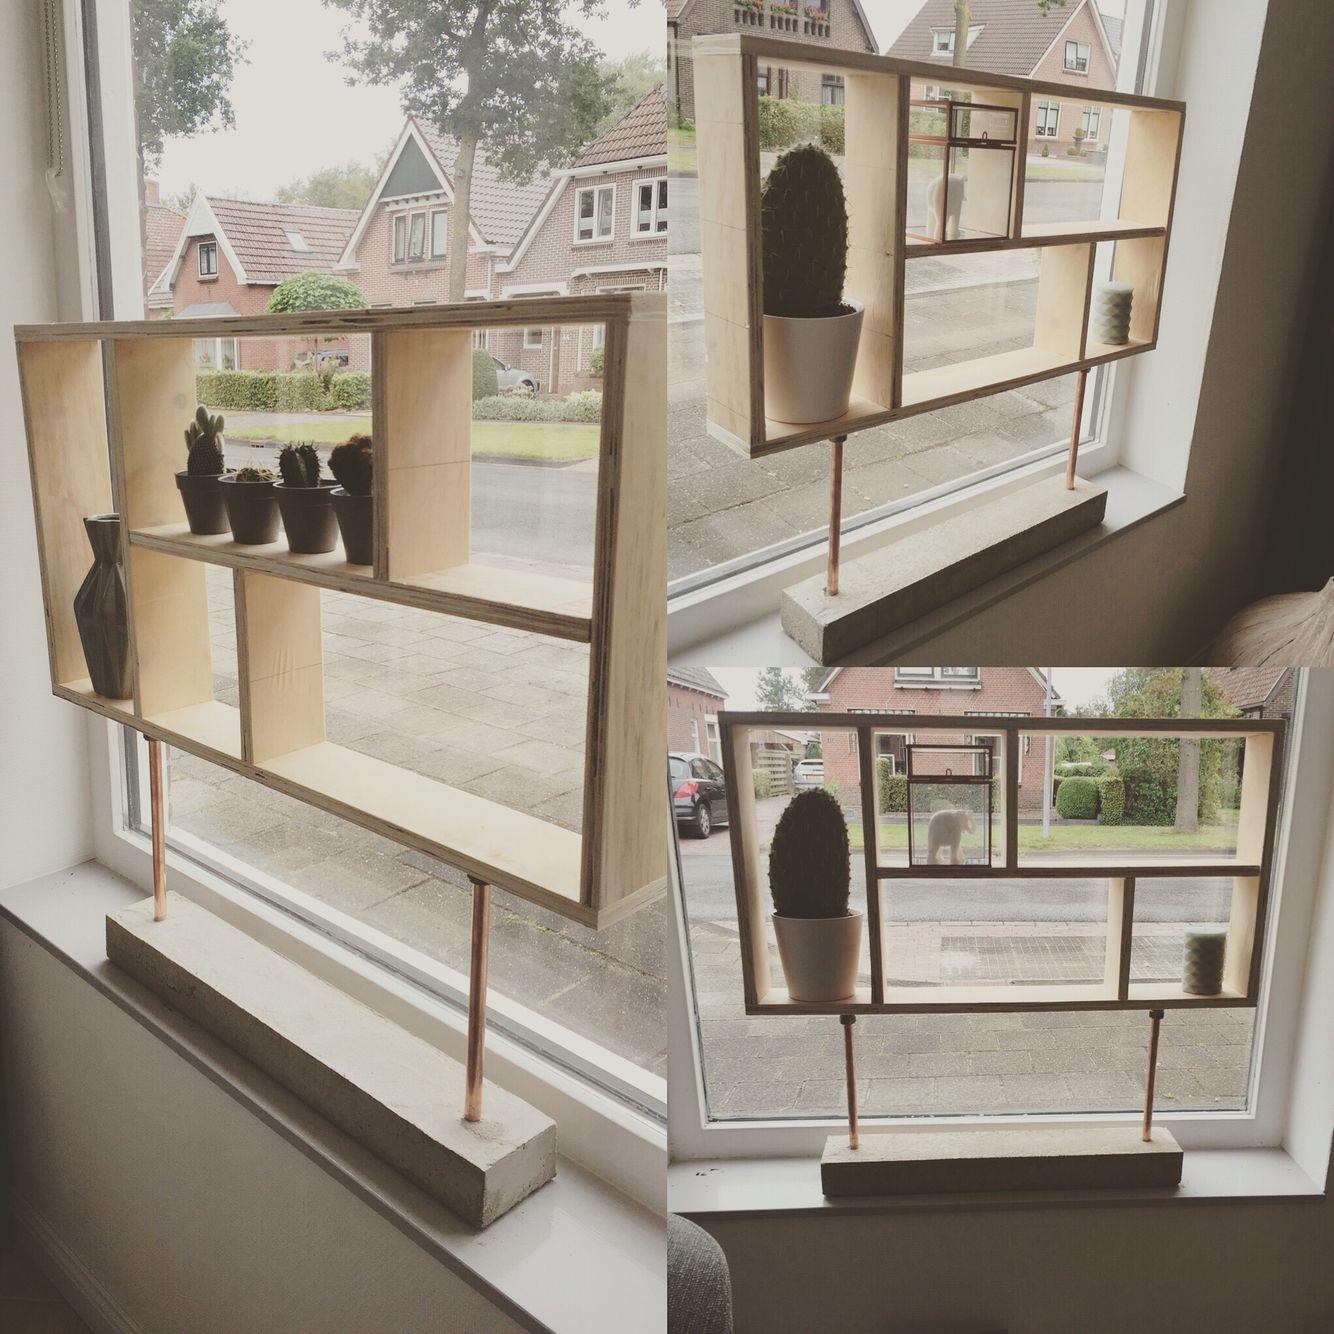 Raamdecoratie voor smalle vensterbank diy houtbetonkoper for Decoratie vensterbank woonkamer